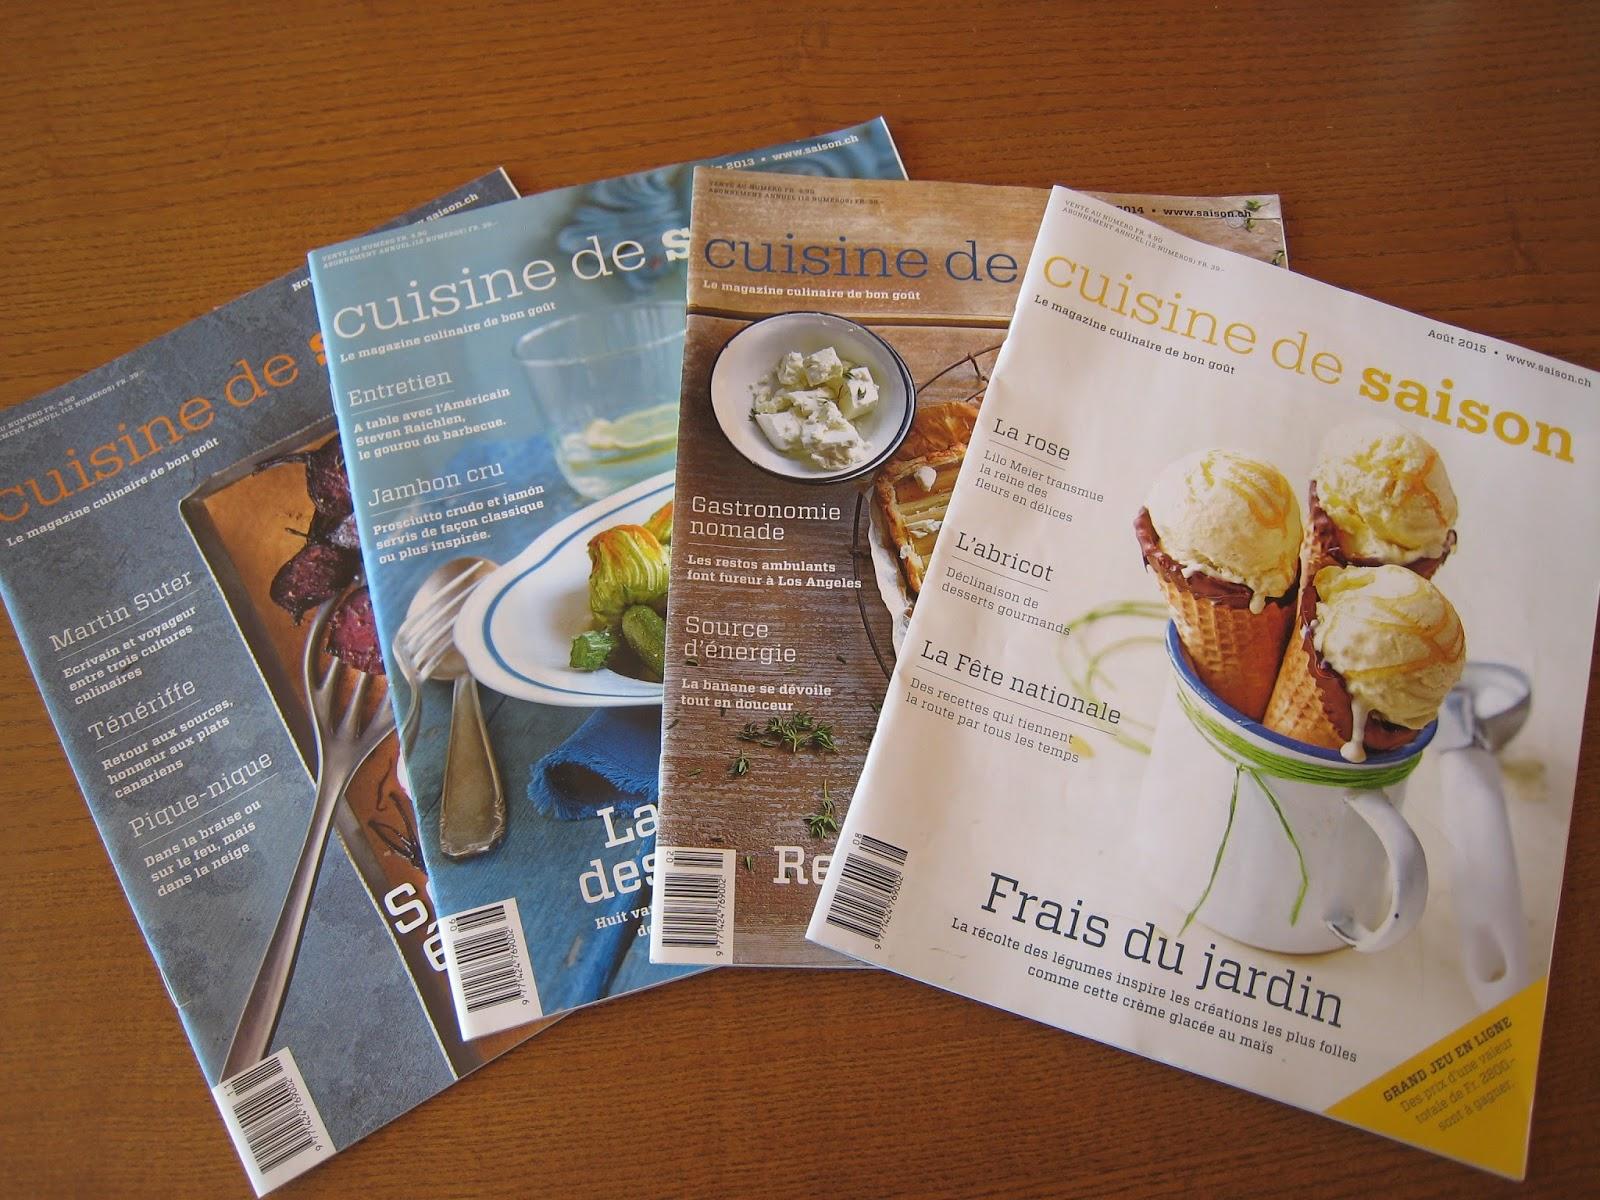 S miotique culinaire les ingr dients pour cr er du sens le magazine cuisine de saison - Cuisine de saison septembre ...